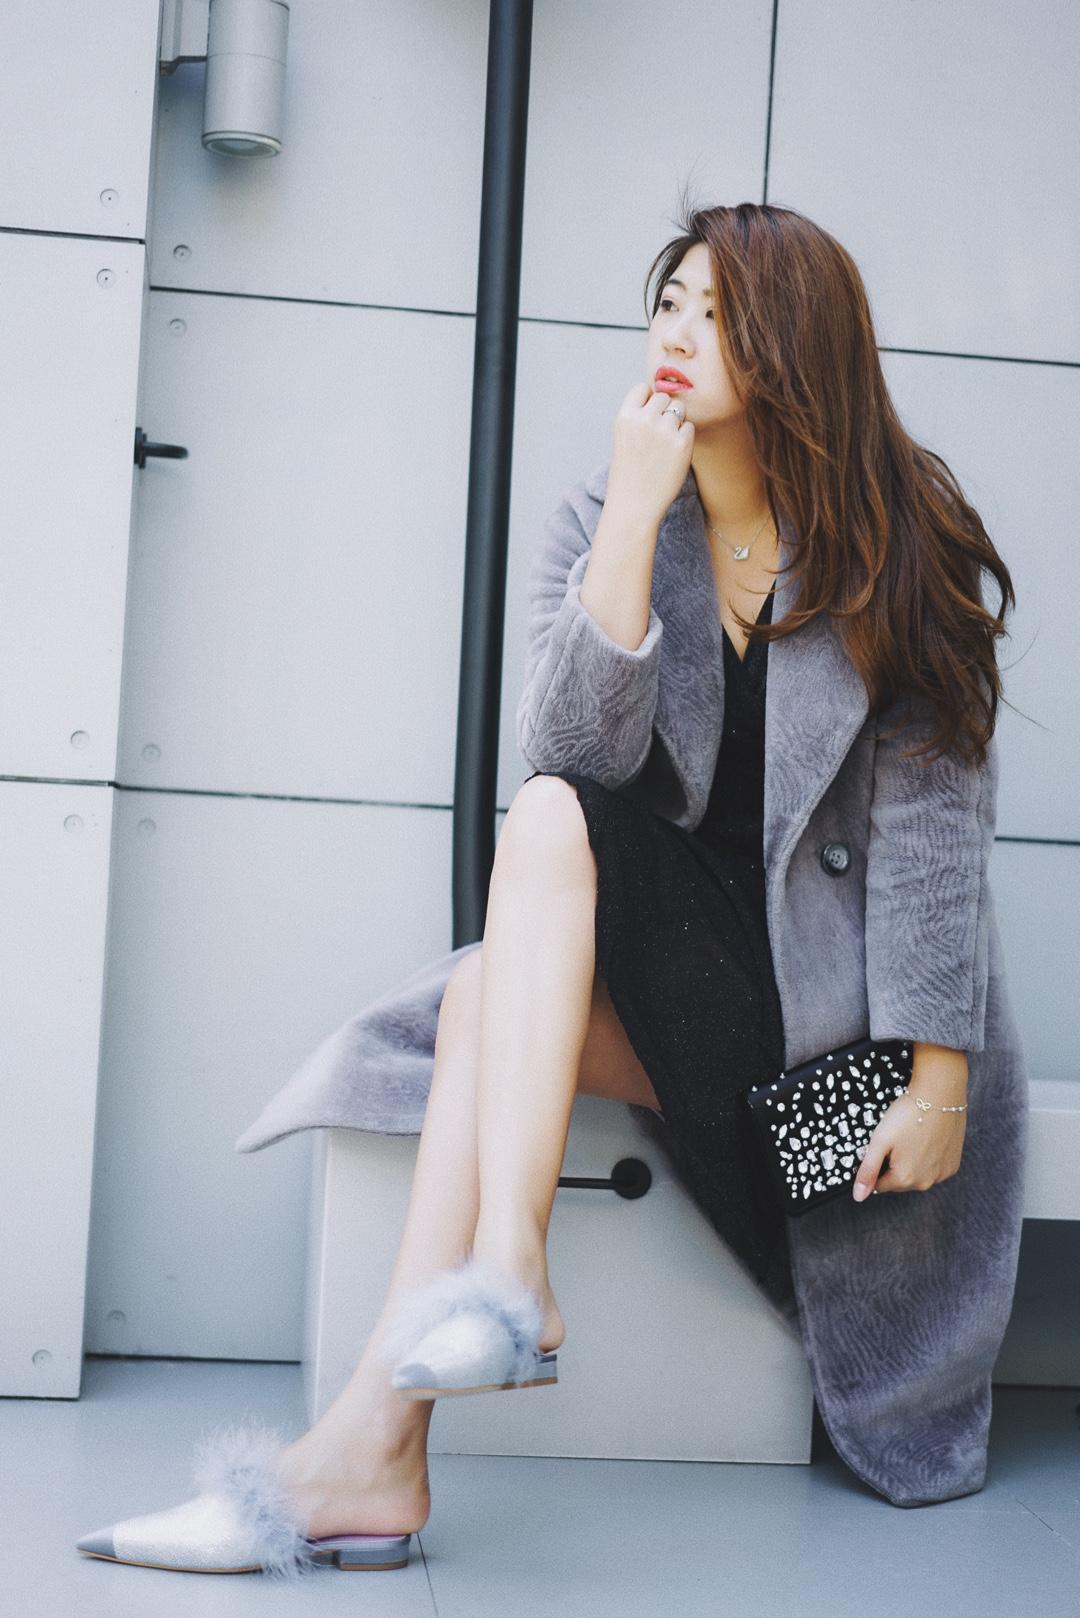 高个子穿搭分享|灰姑娘的水晶鞋 新入的一双平底鞋  bulingbuling的设计让我爱不释 在阳光下 会照耀出五色十光 毛毛边的设计 在风吹的带动下 更增加了灵动感 着实是一双令人心动的鞋子  #温柔小姐姐满分穿搭#